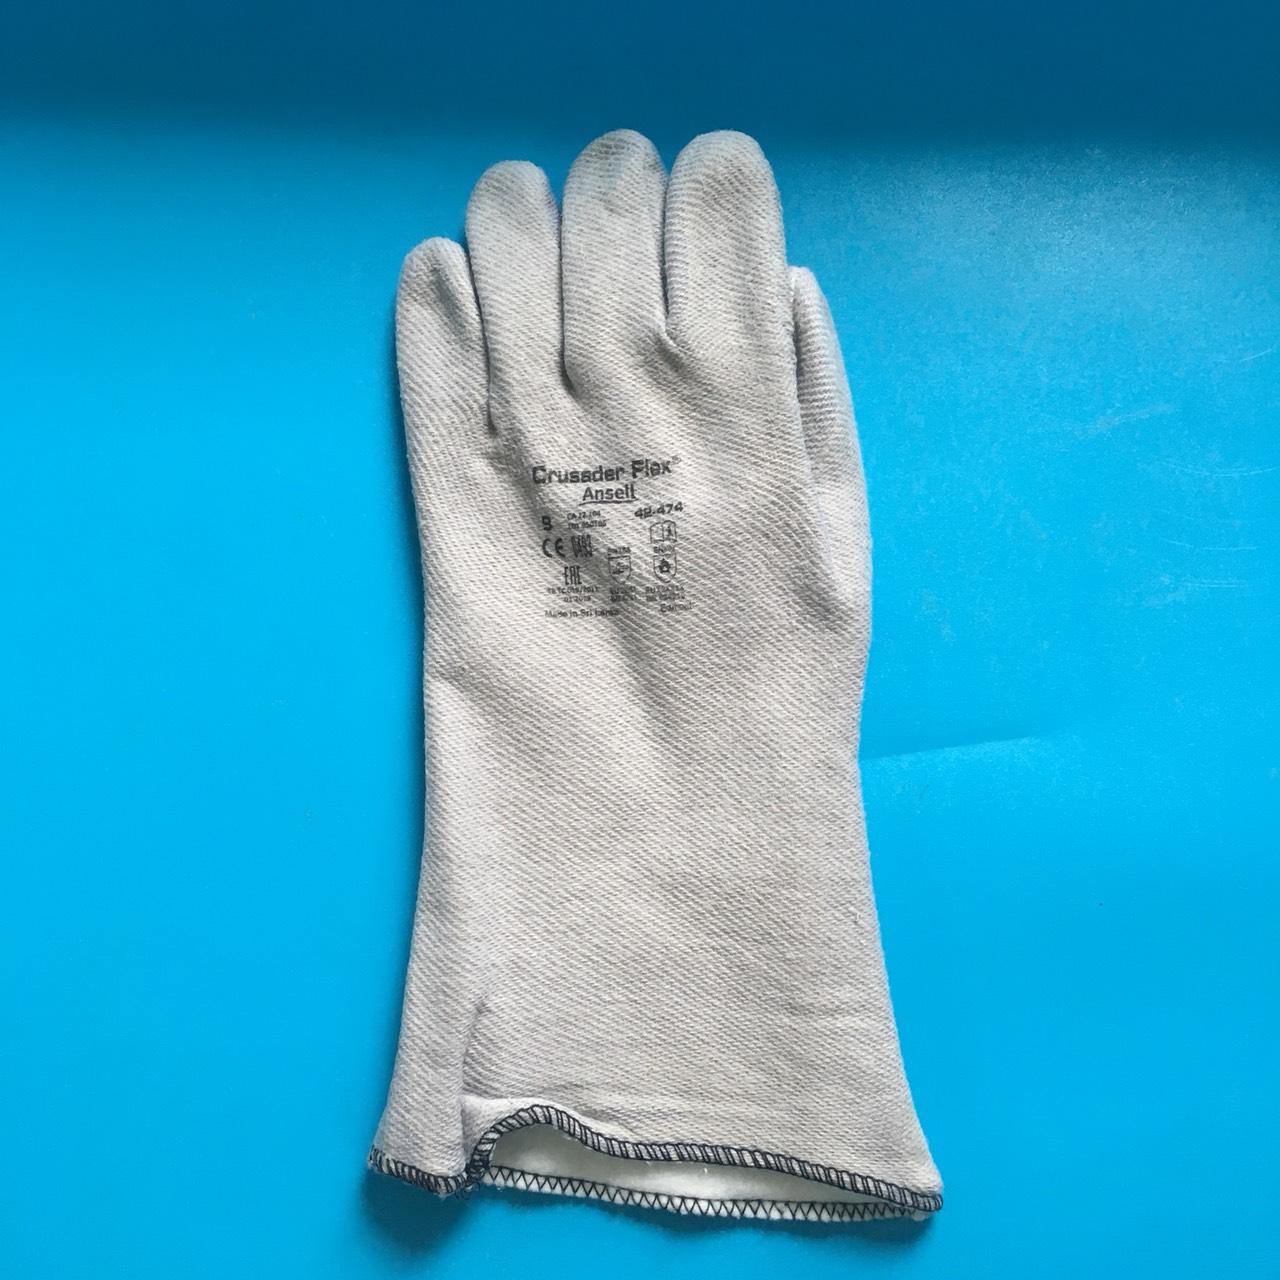 Găng tay chịu nhiệt  42-474 Ansell